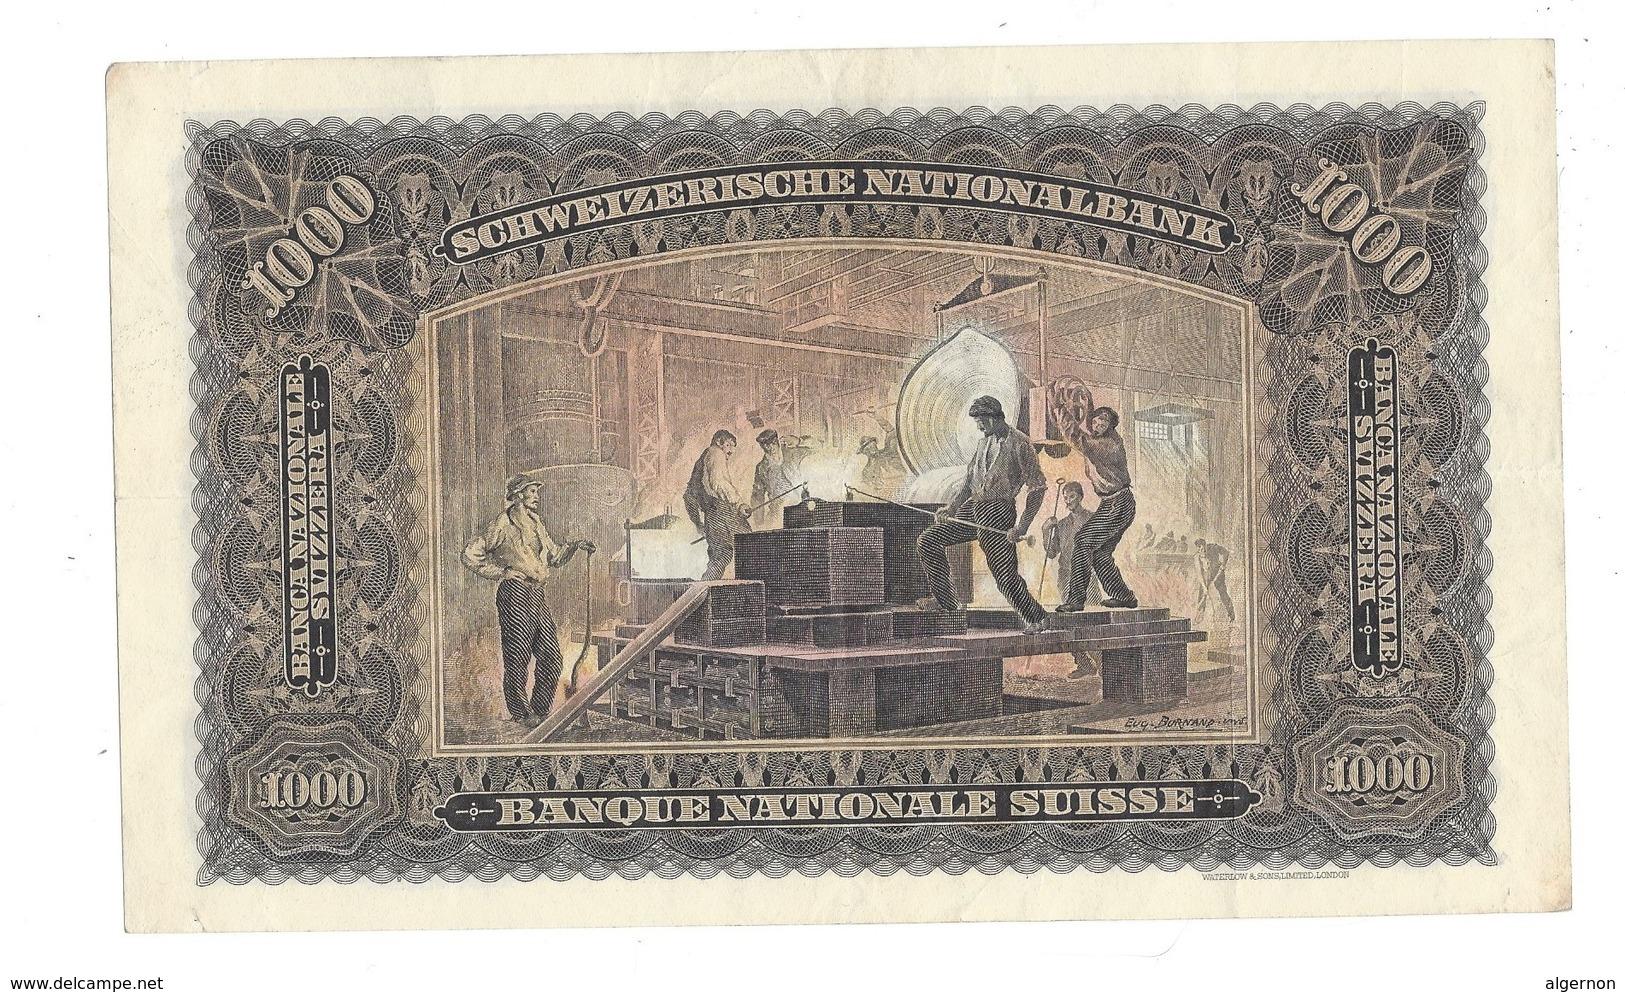 006 -  1000 CHF 2ème émission 07.09.1939 Etat Très Bon Signature RO No 1M 79855 - Suisse